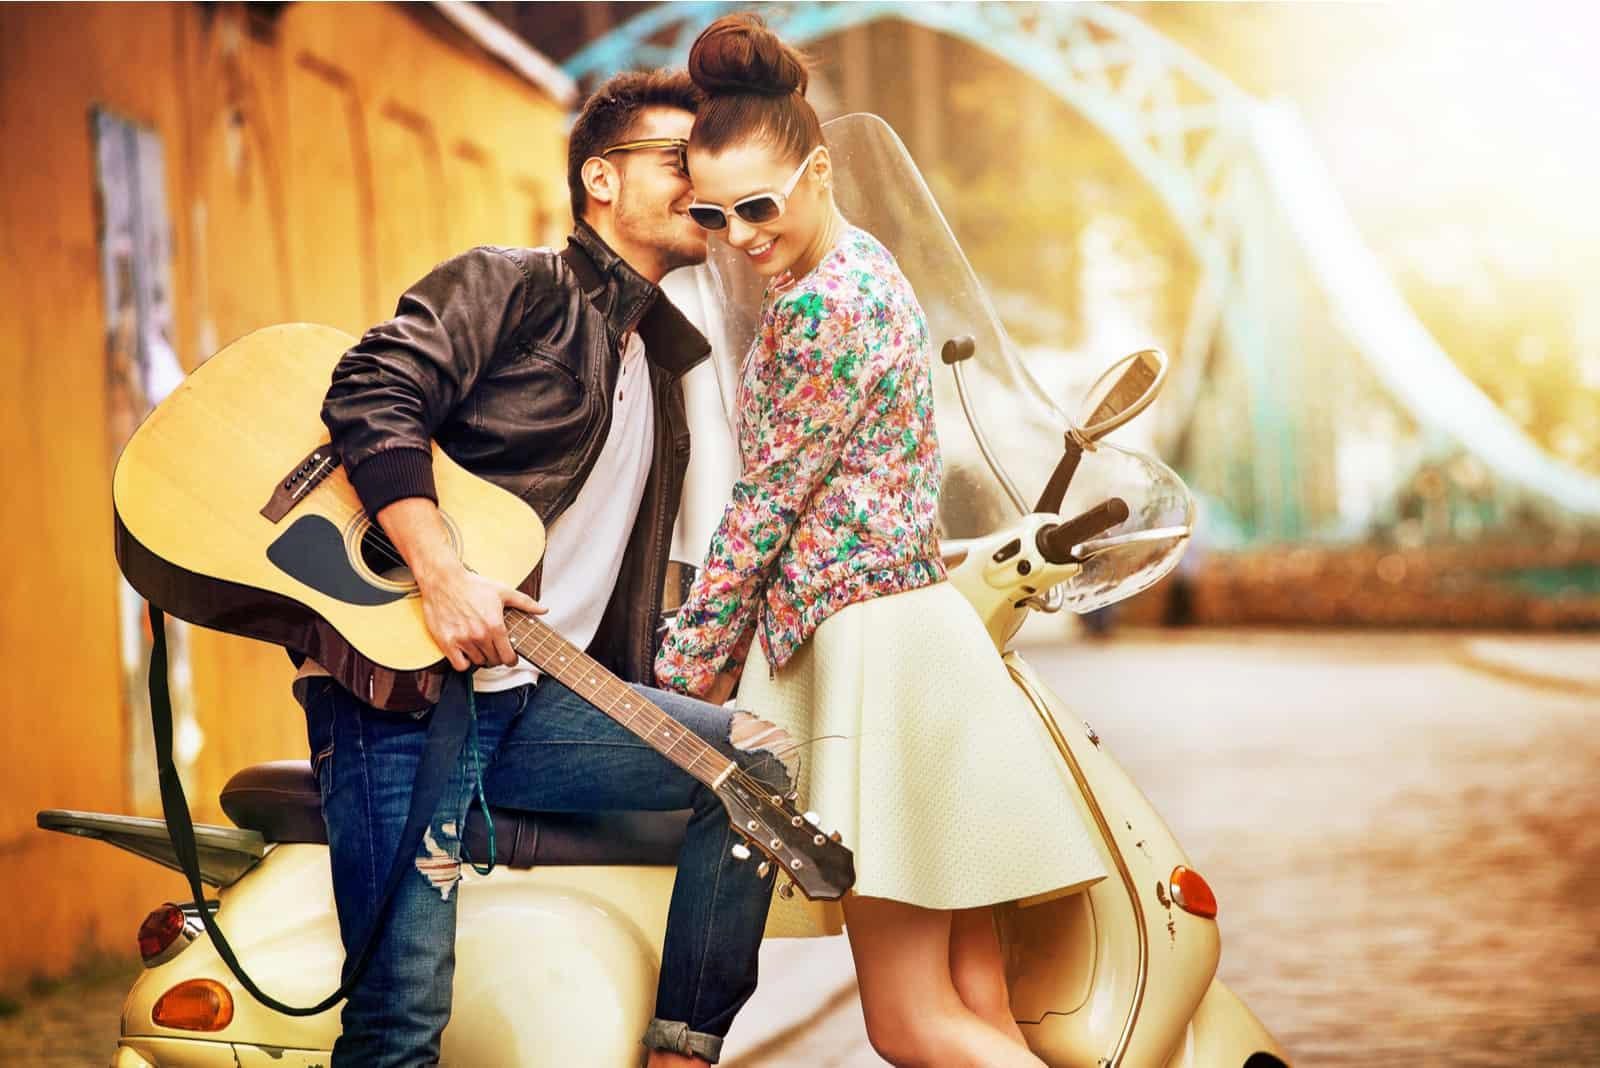 un homme s'appuyant sur un vélo embrasse une femme sur la joue